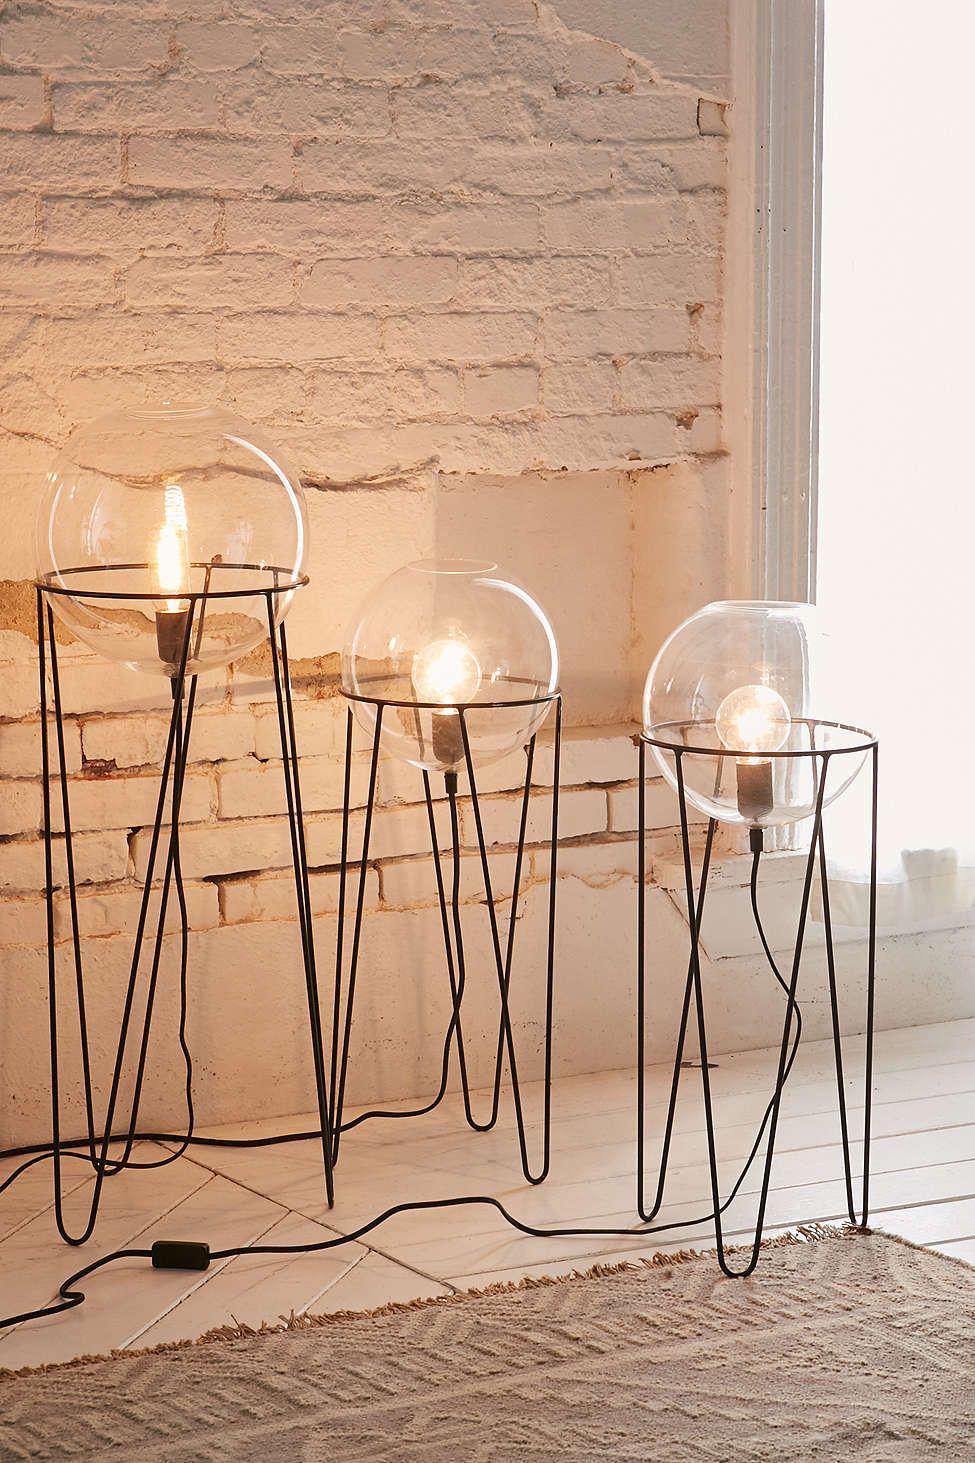 Une Belle Lampe Pour Mon Salon Eclairage Industriel Vintage Lampadaire Design Lampe Sur Pied Design